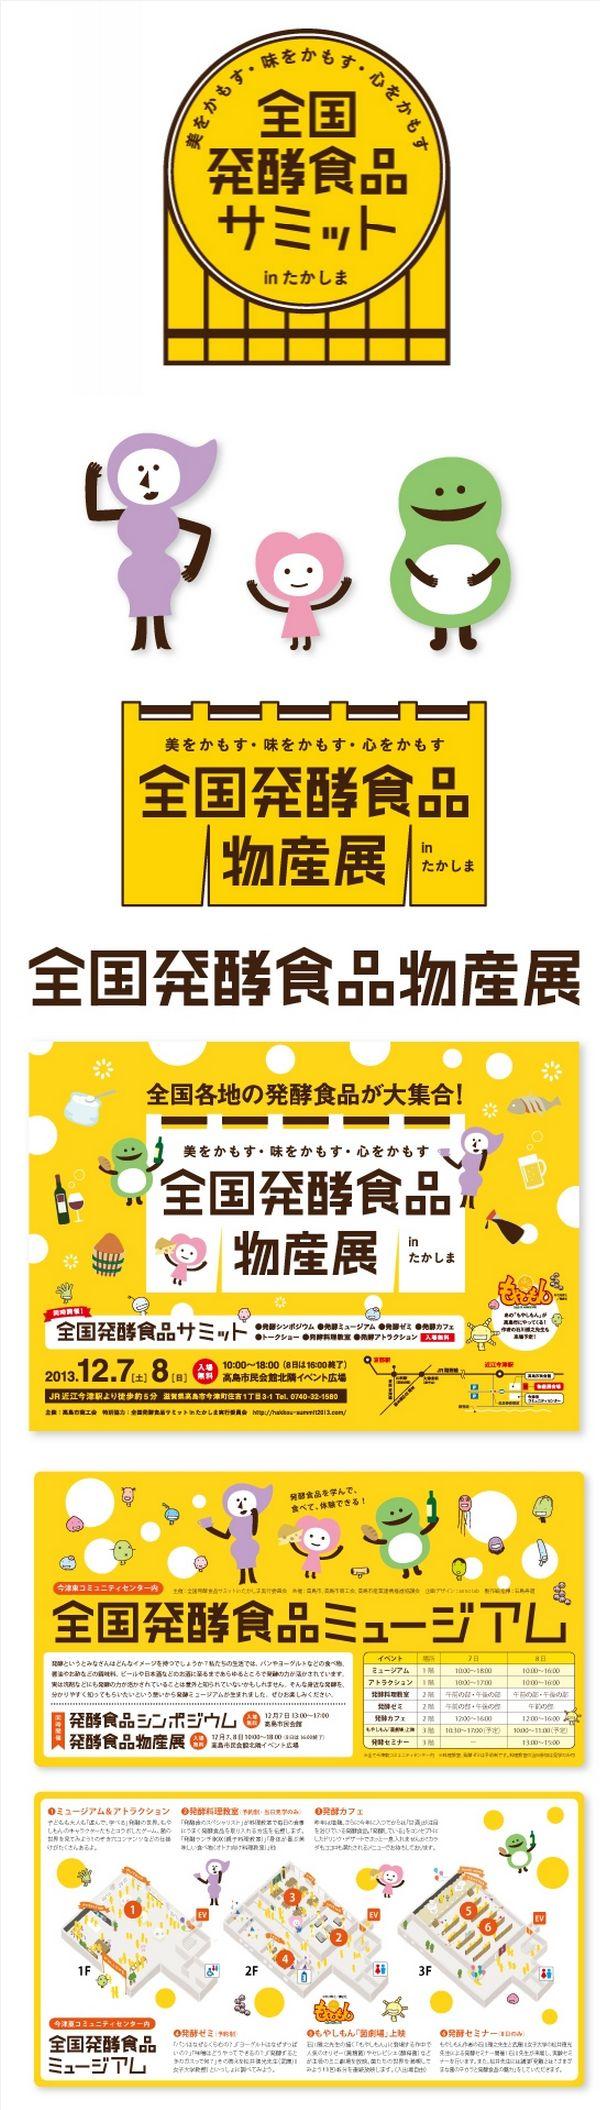 全国発酵食品サミット | Oeuflab|ウフラボ